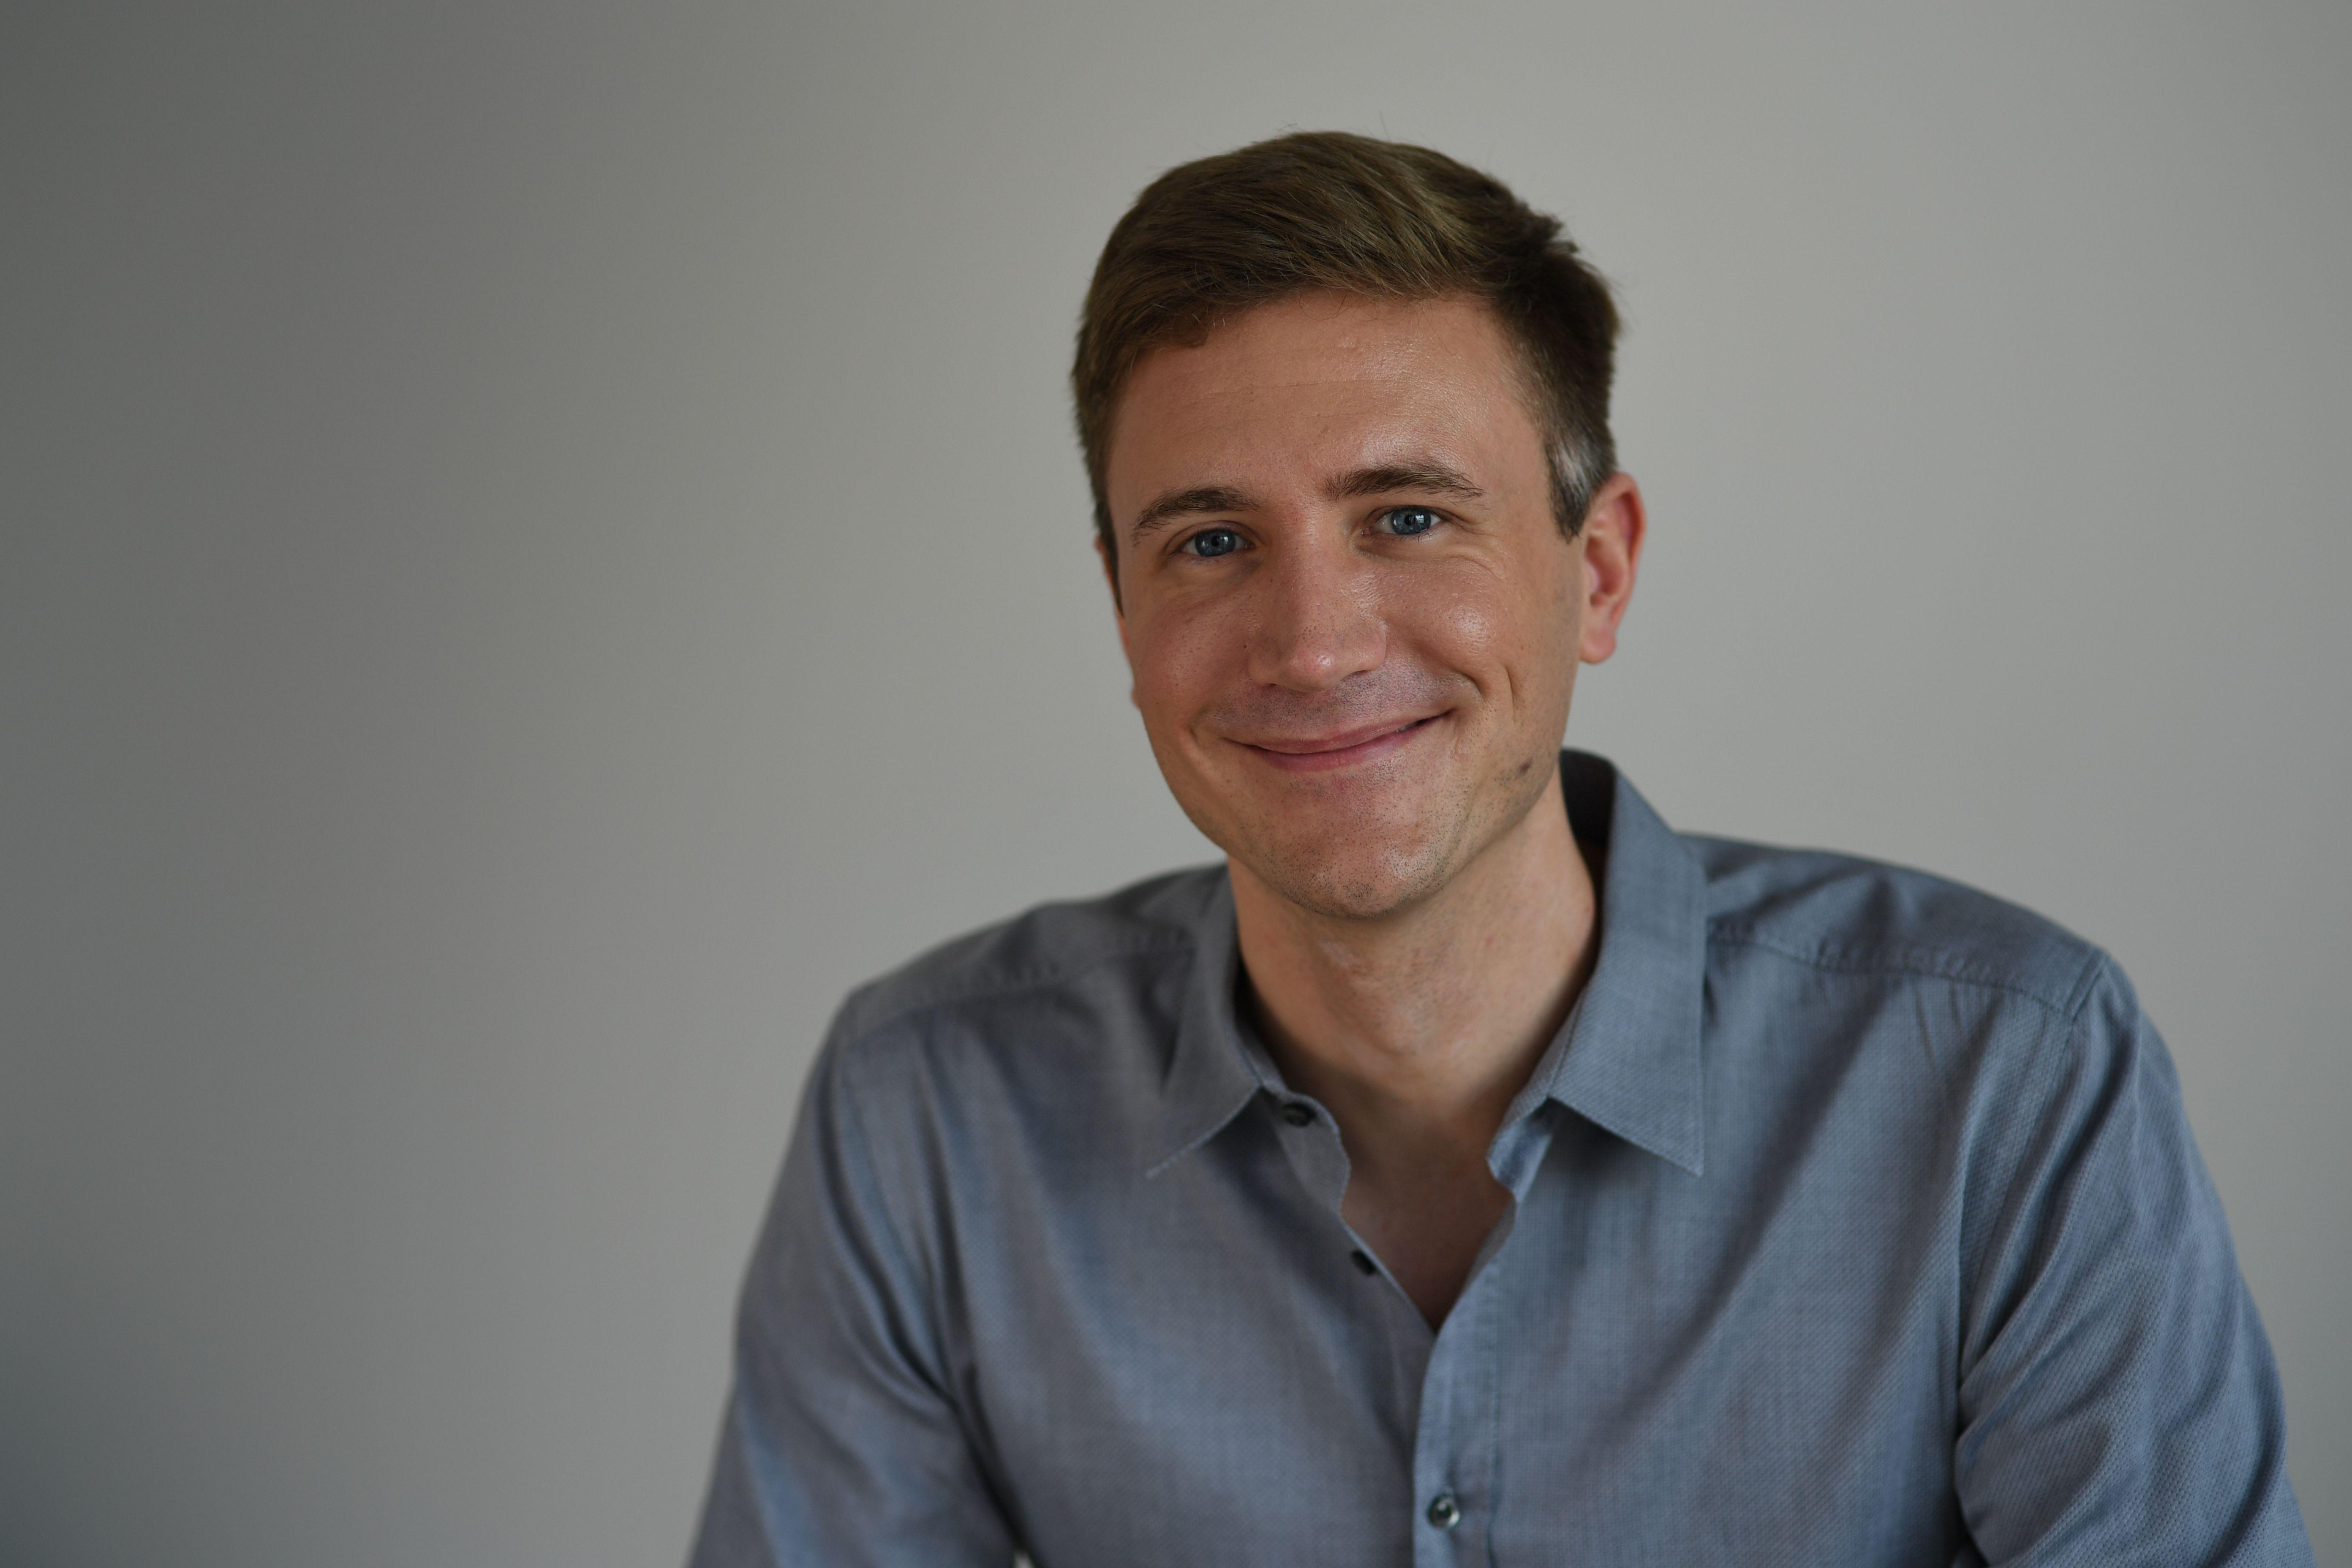 Ein Foto des Experten Timo Ernst. Timo Ernst ist Steuerberater und staatl. geprüfter Betriebswirt.